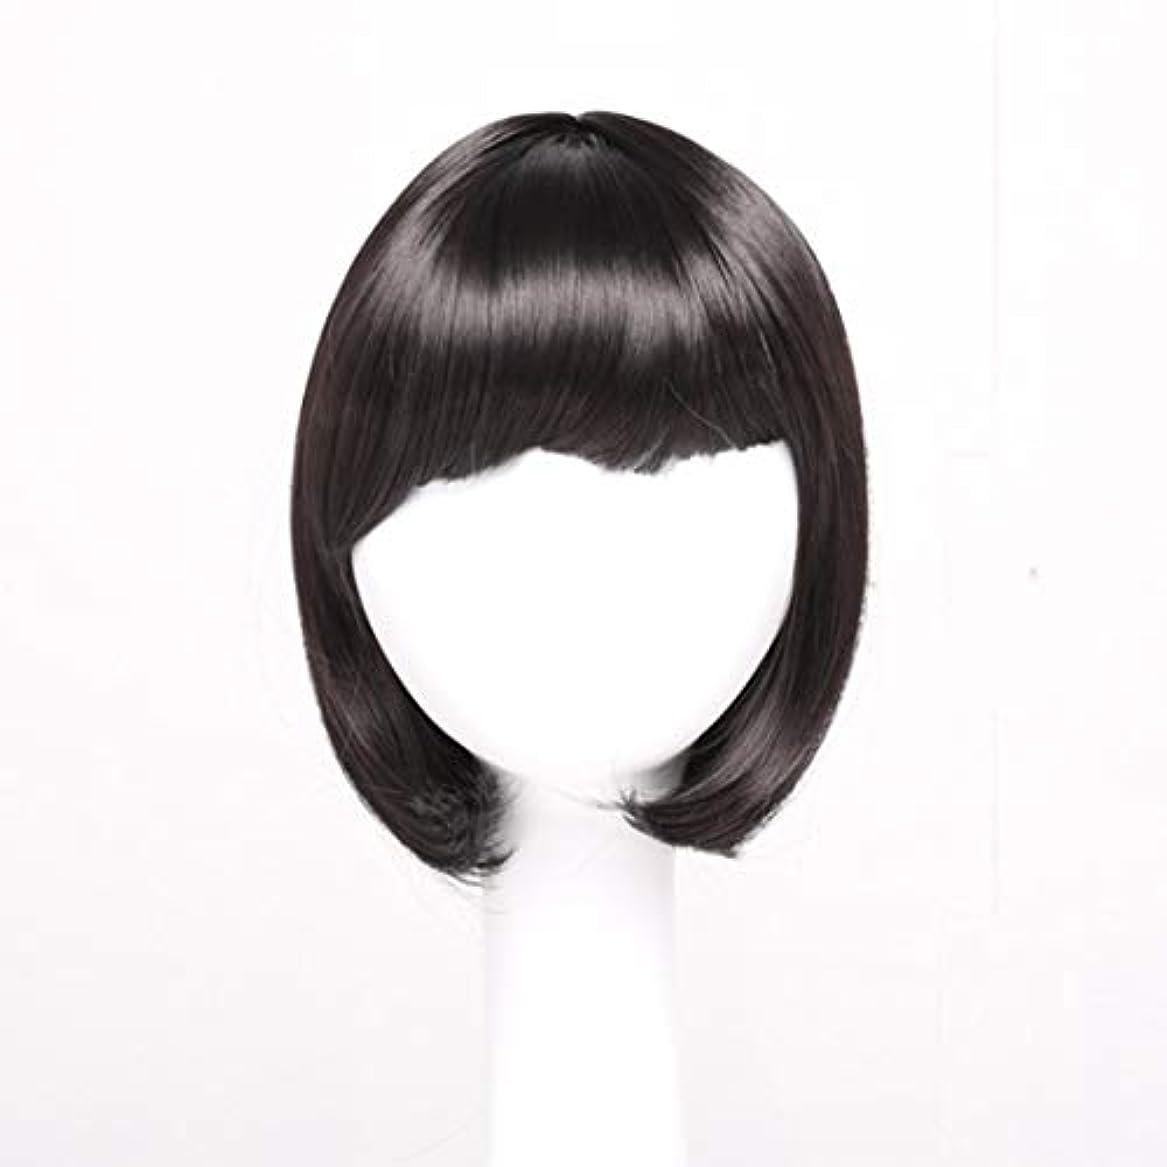 崖抑制穿孔するSummerys ショートボブの髪ウィッグストレート前髪付き合成カラフルなコスプレデイリーパーティーウィッグ本物の髪として自然な女性のための